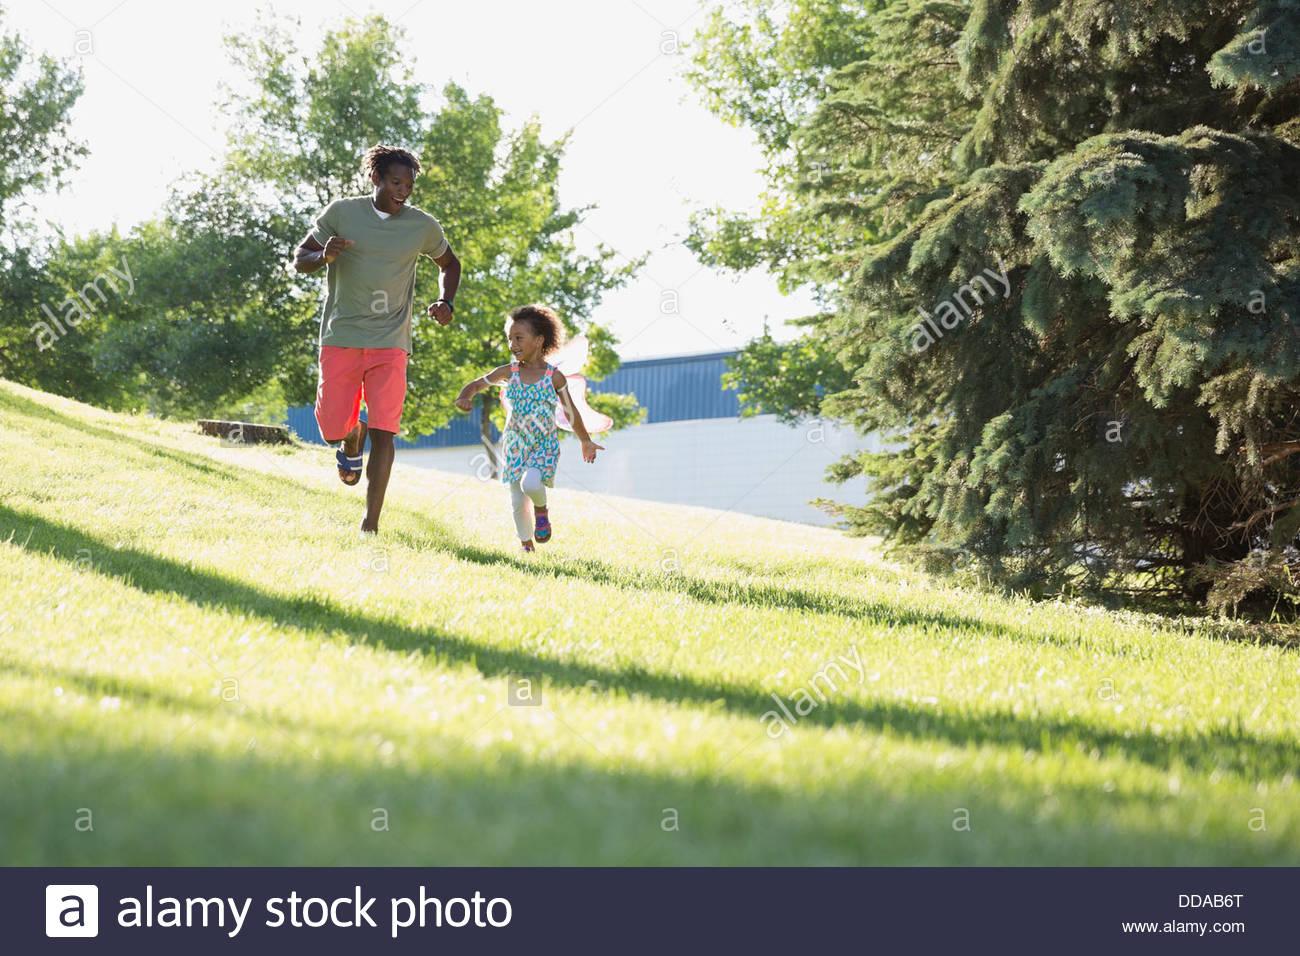 Fröhliche Vater und Tochter im Park laufen Stockbild